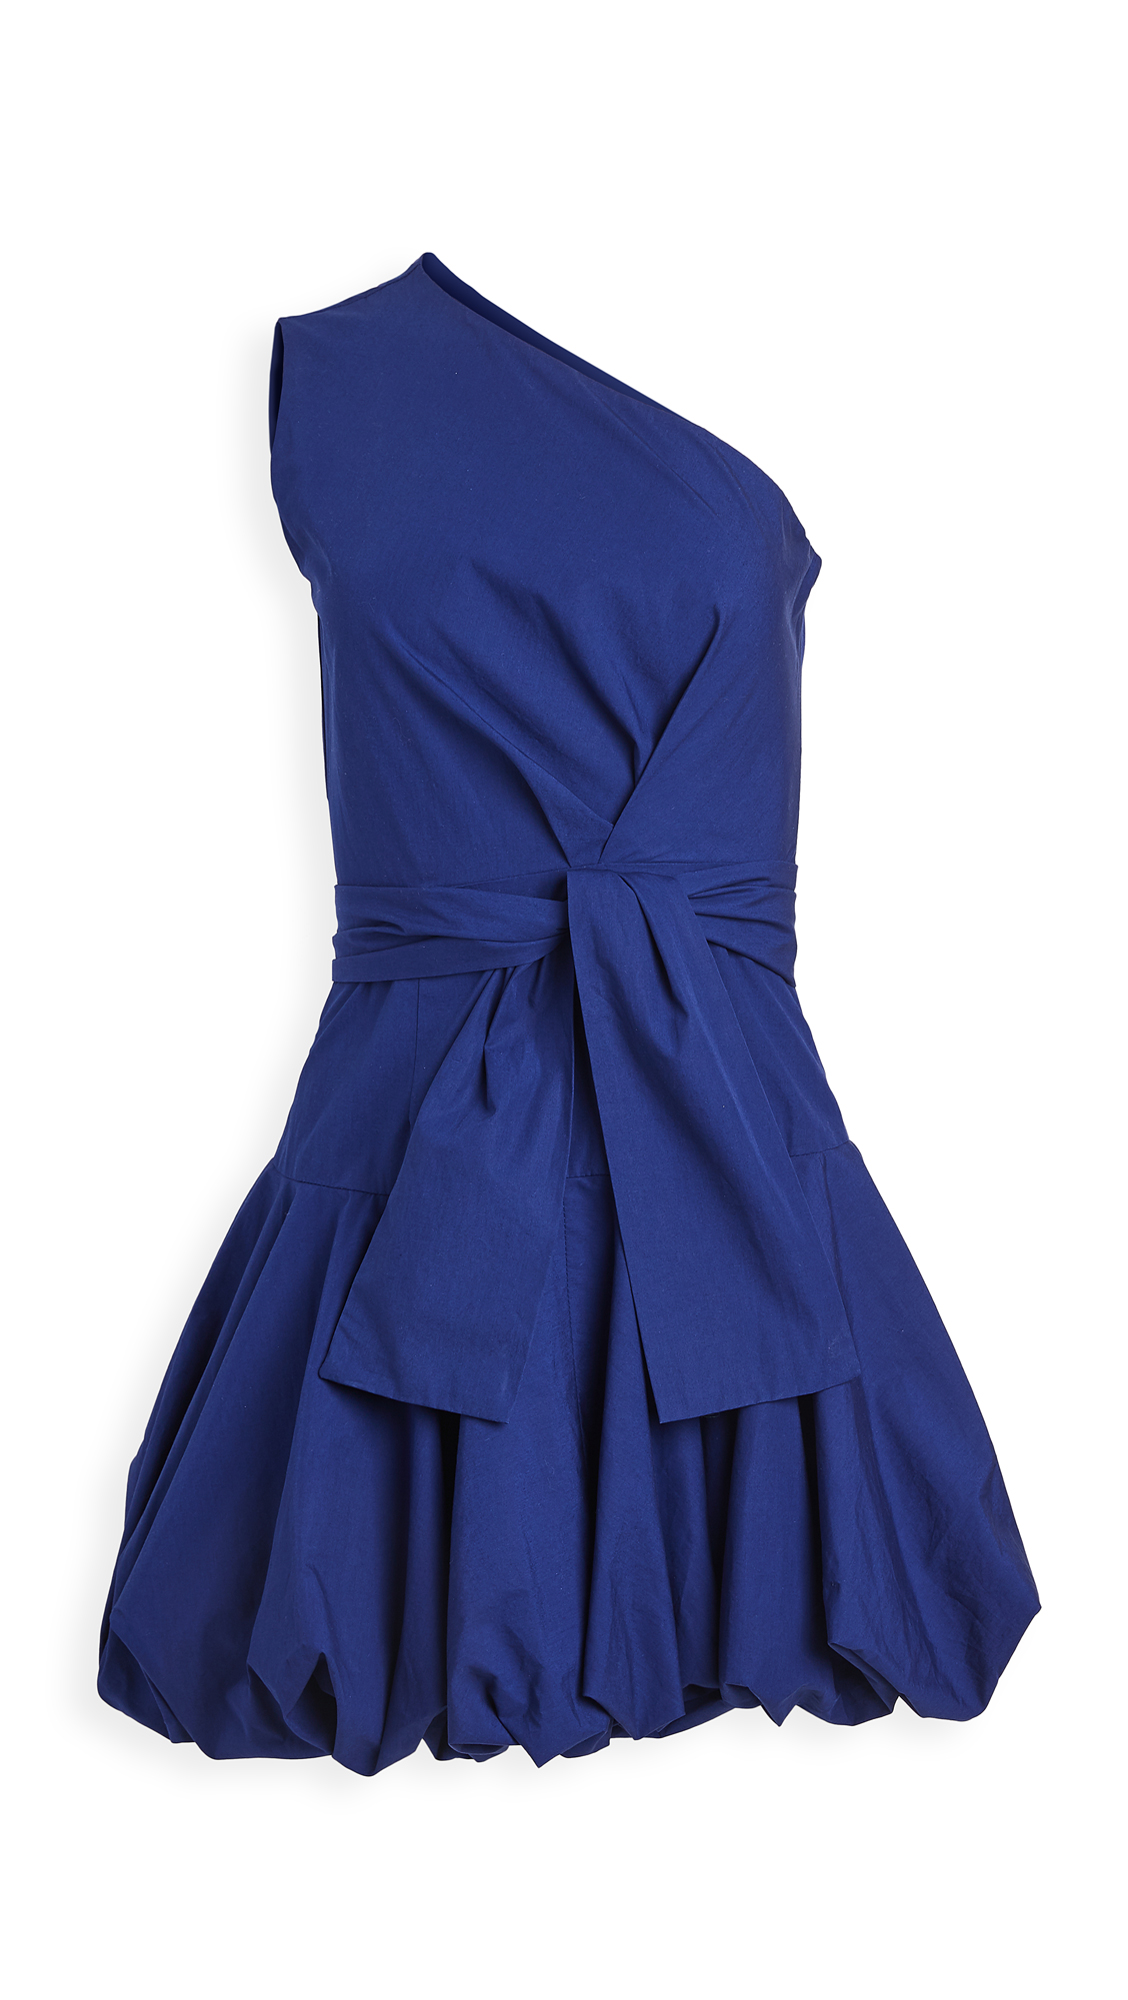 Derek Lam 10 Crosby Lulu One Shoulder Dress - 30% Off Sale